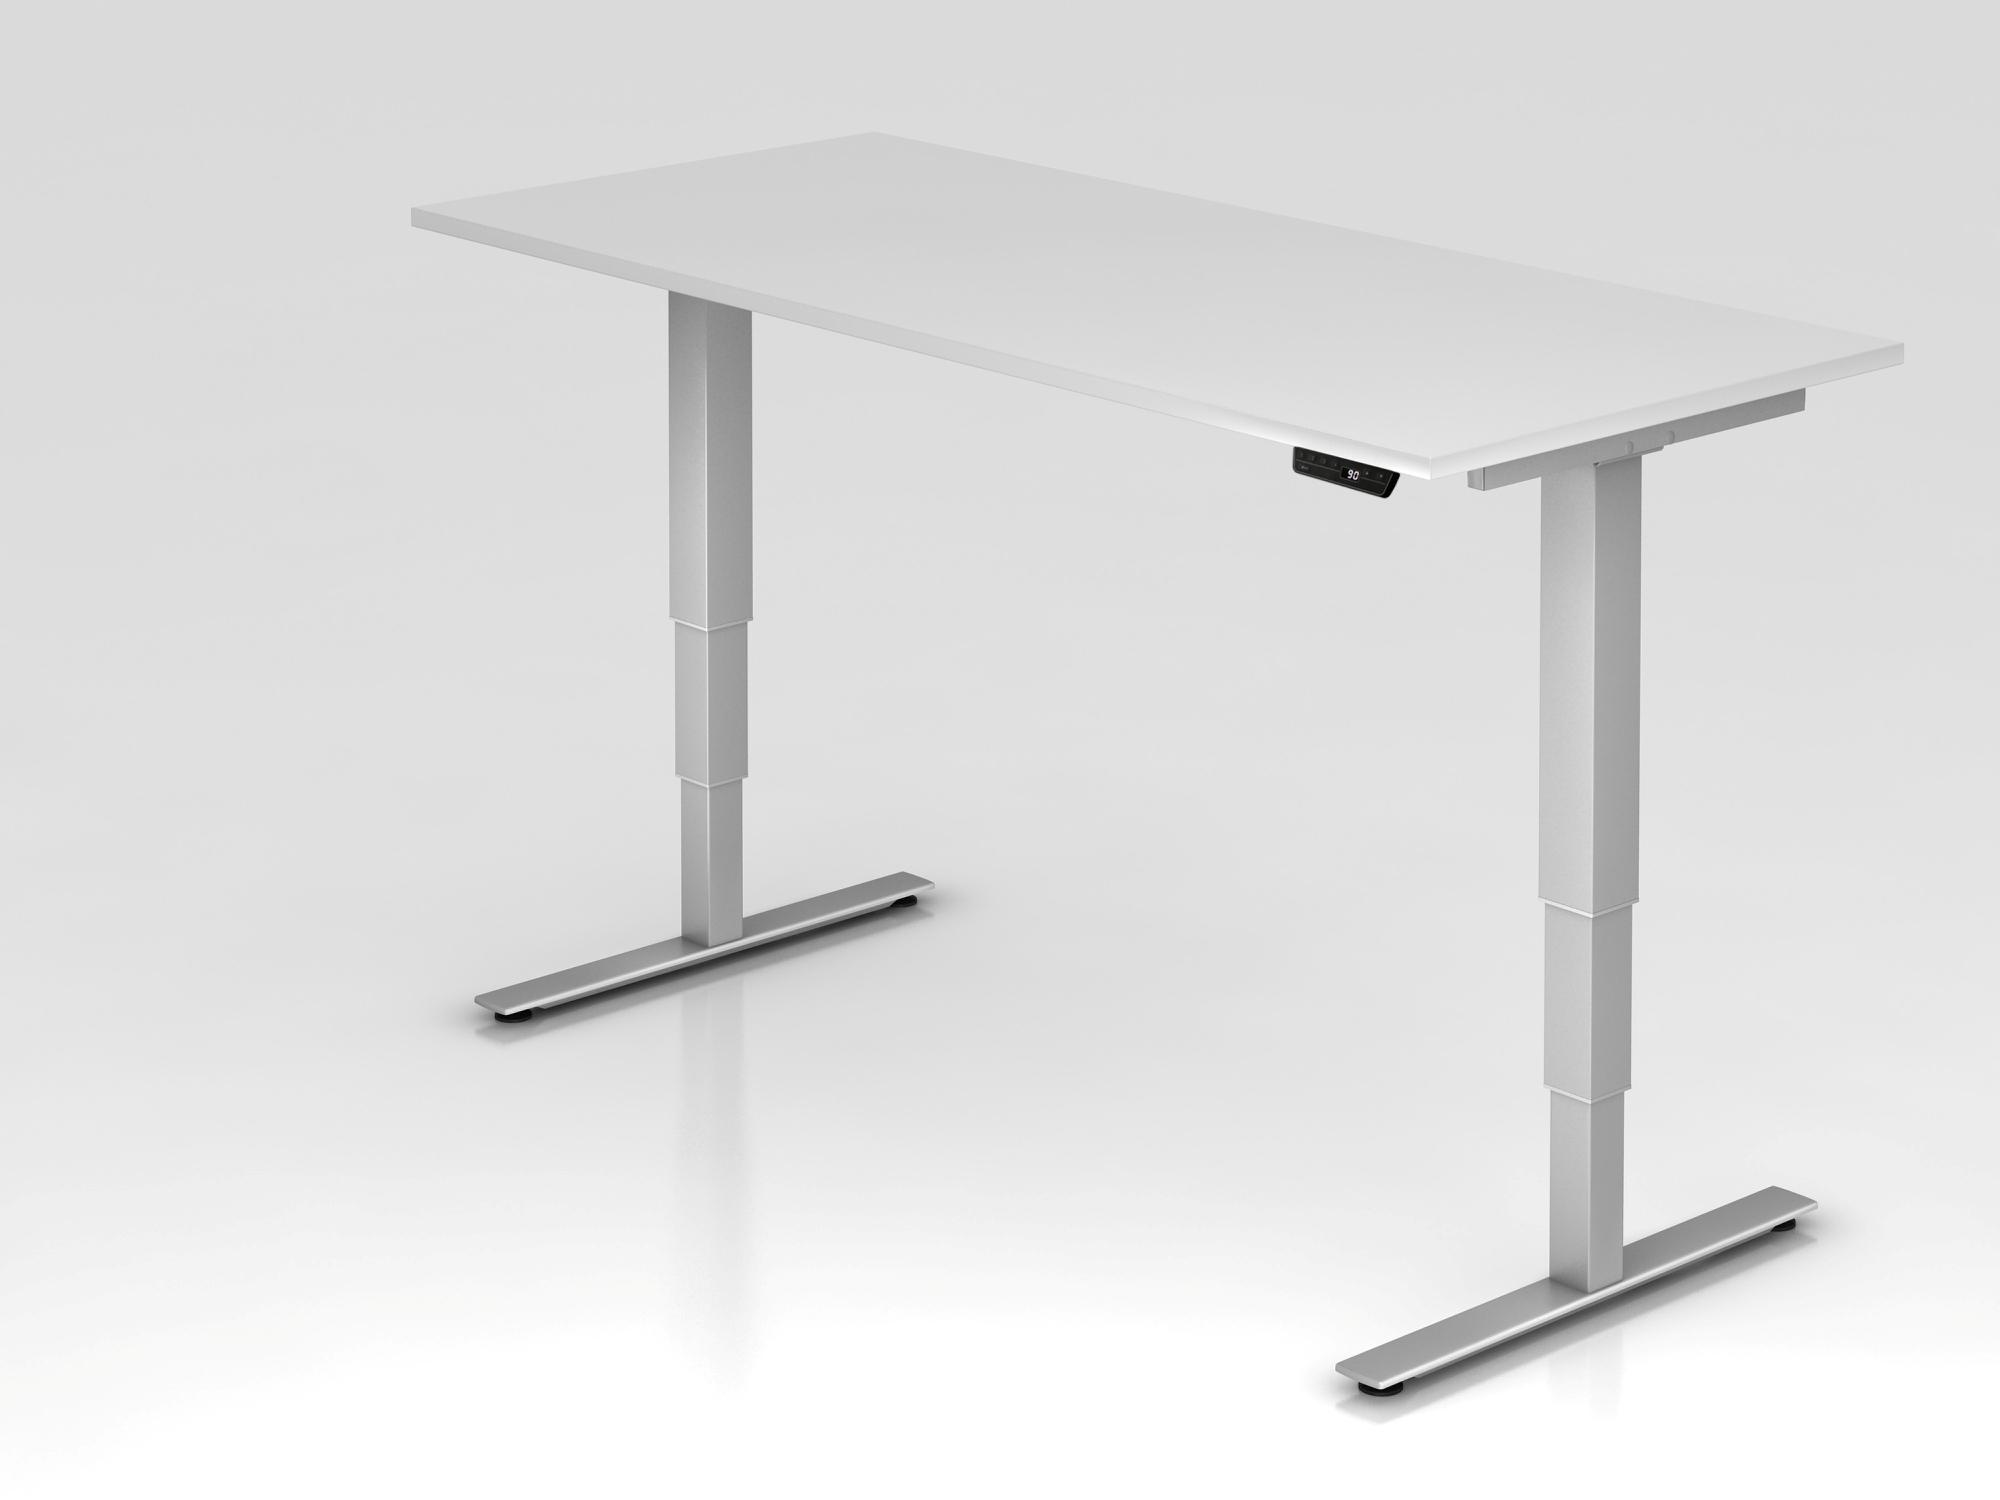 Sitz-Steh-Schreibtisch el.180x80cm Weiß